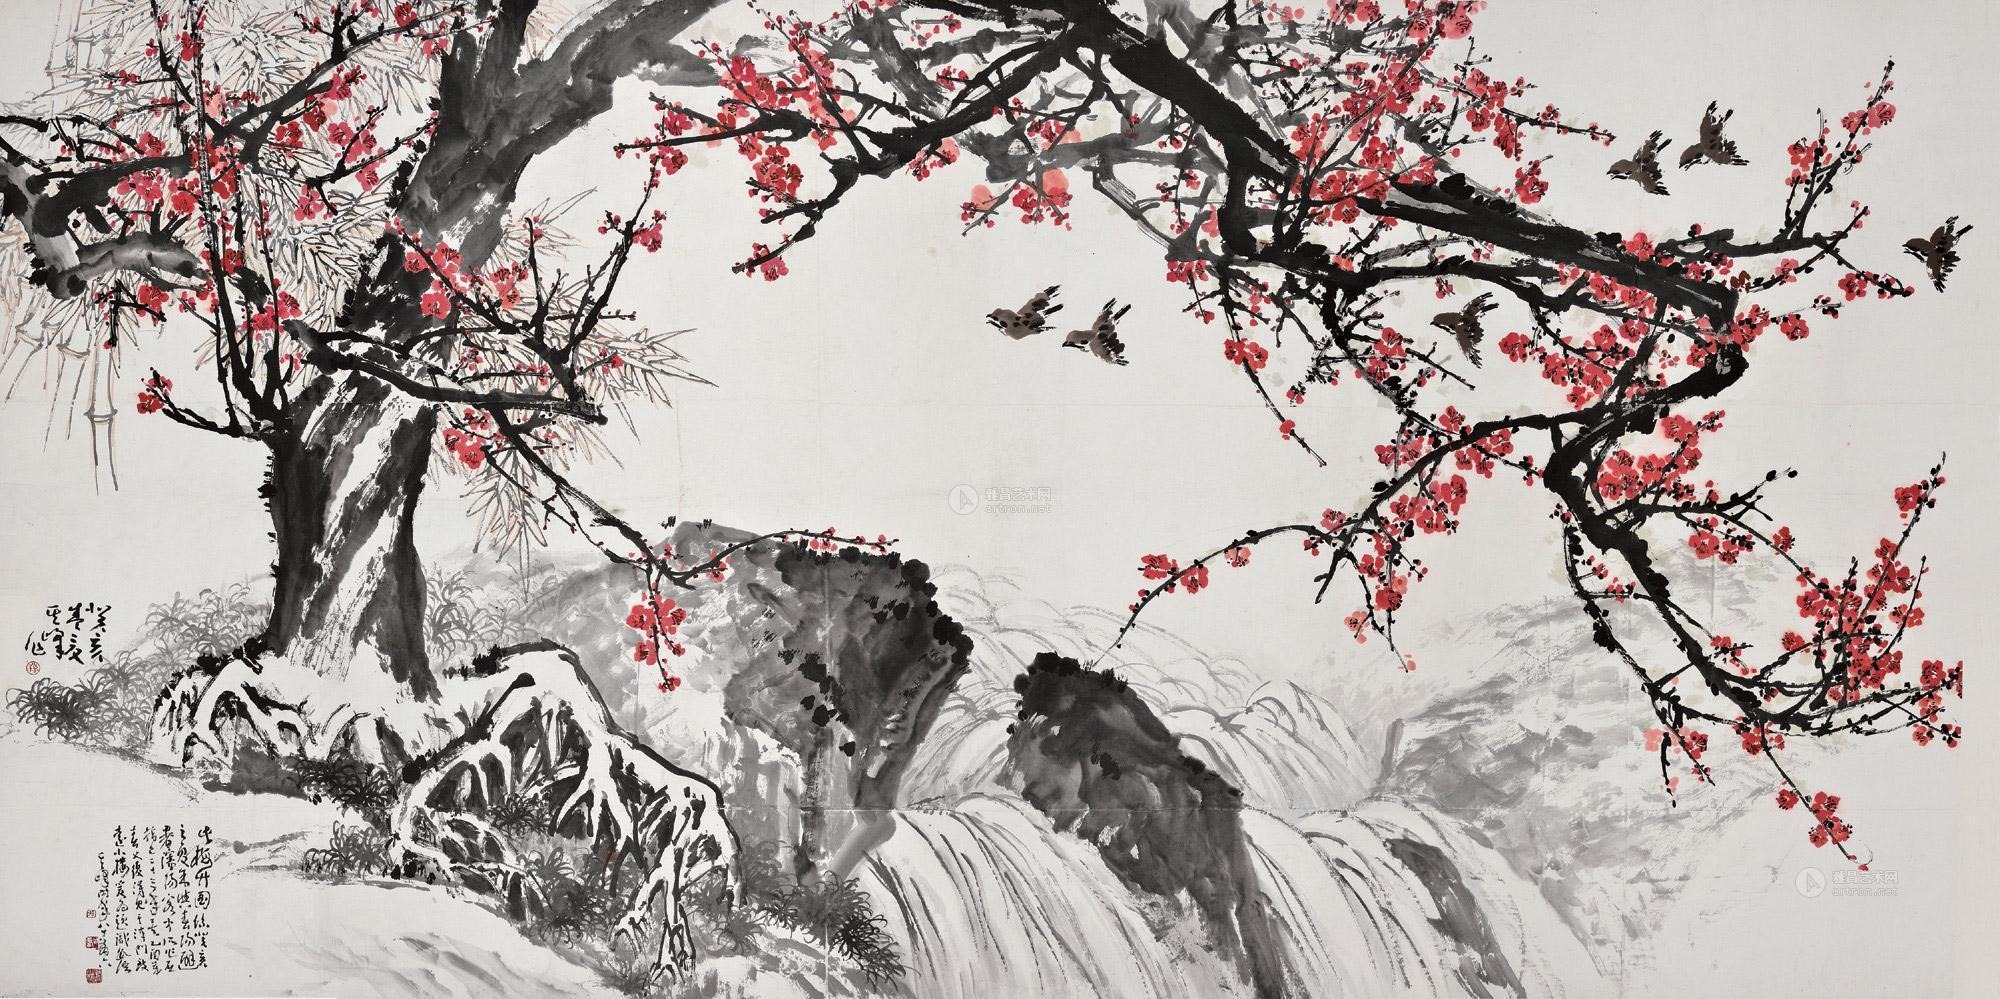 Guan Shanyue (1912-2000)